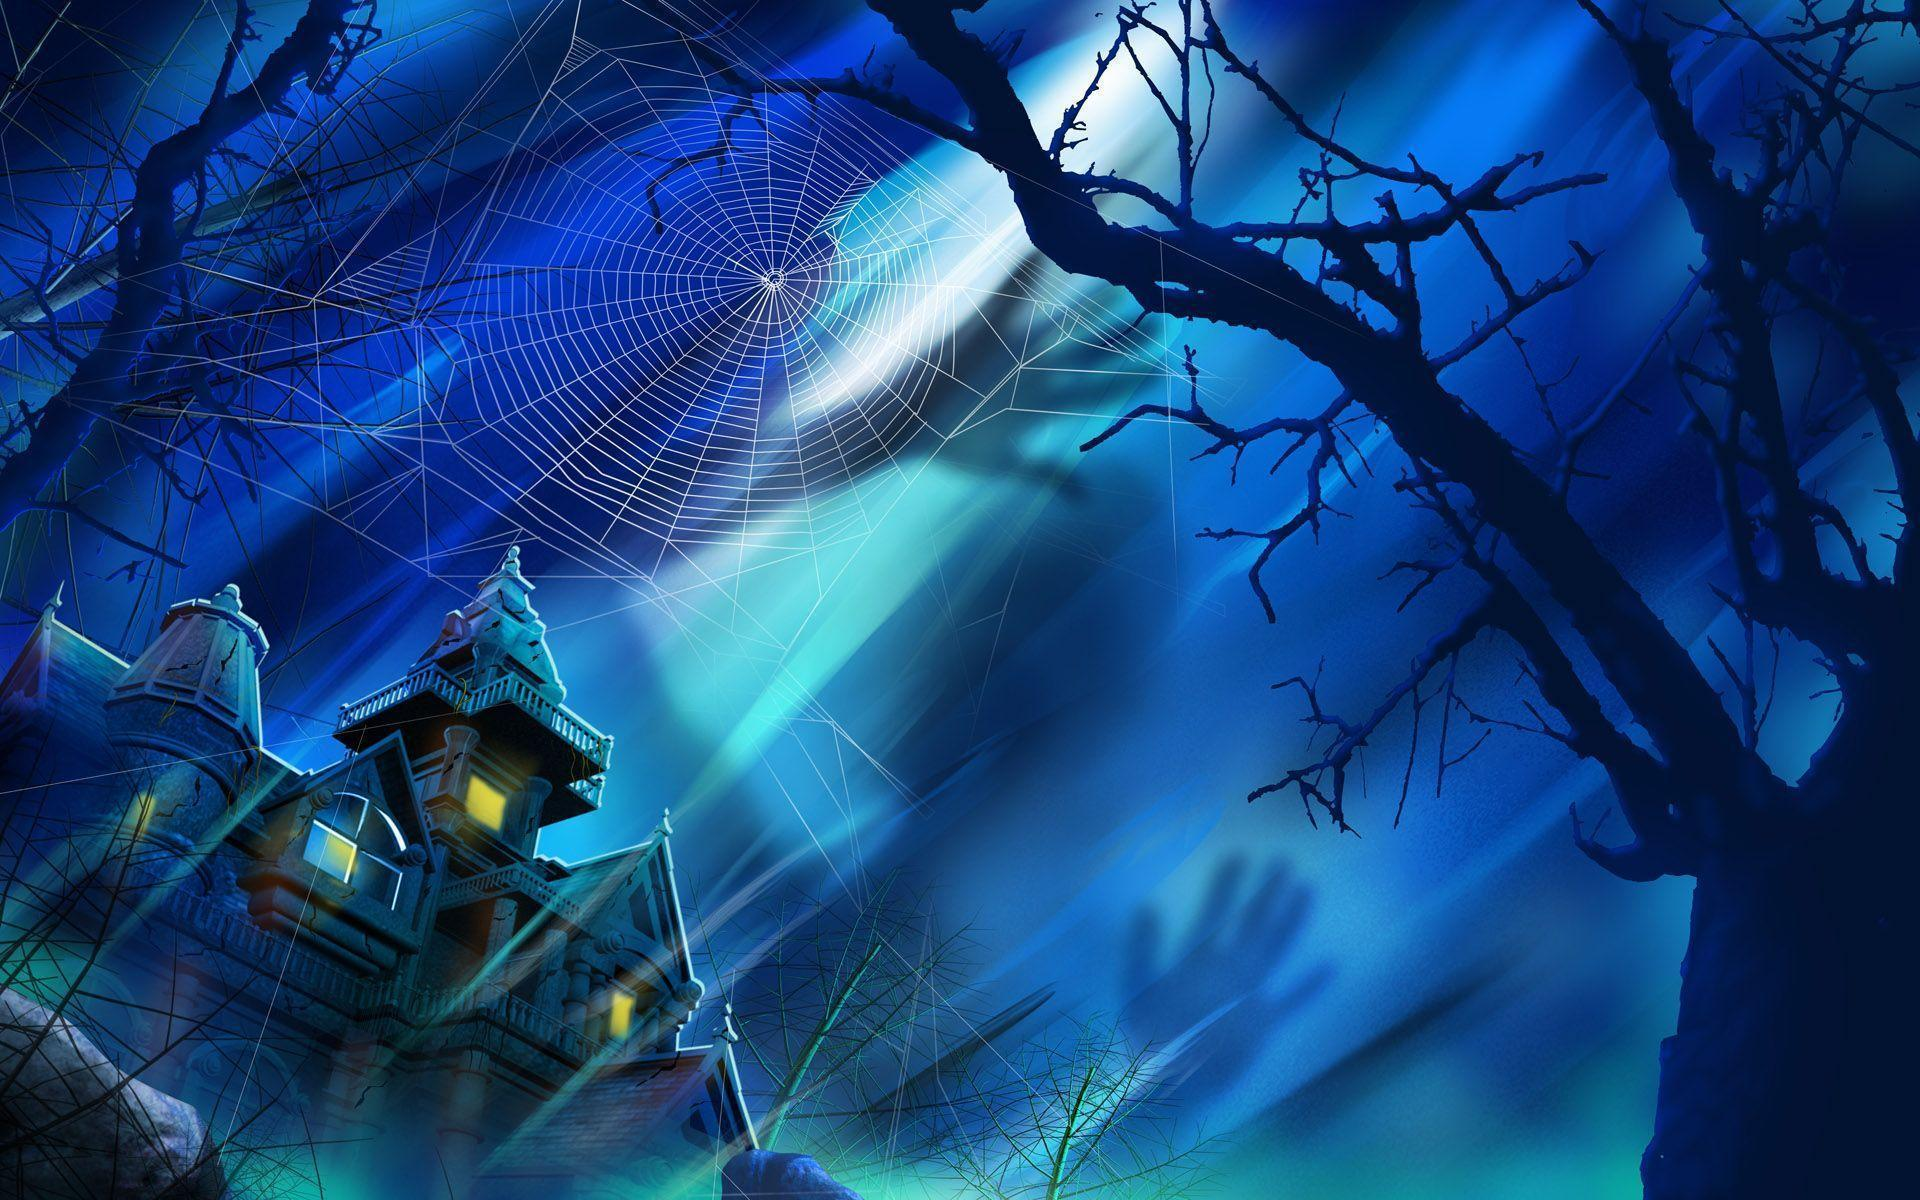 50 Exquisite Halloween Wallpapers for Your Desktop